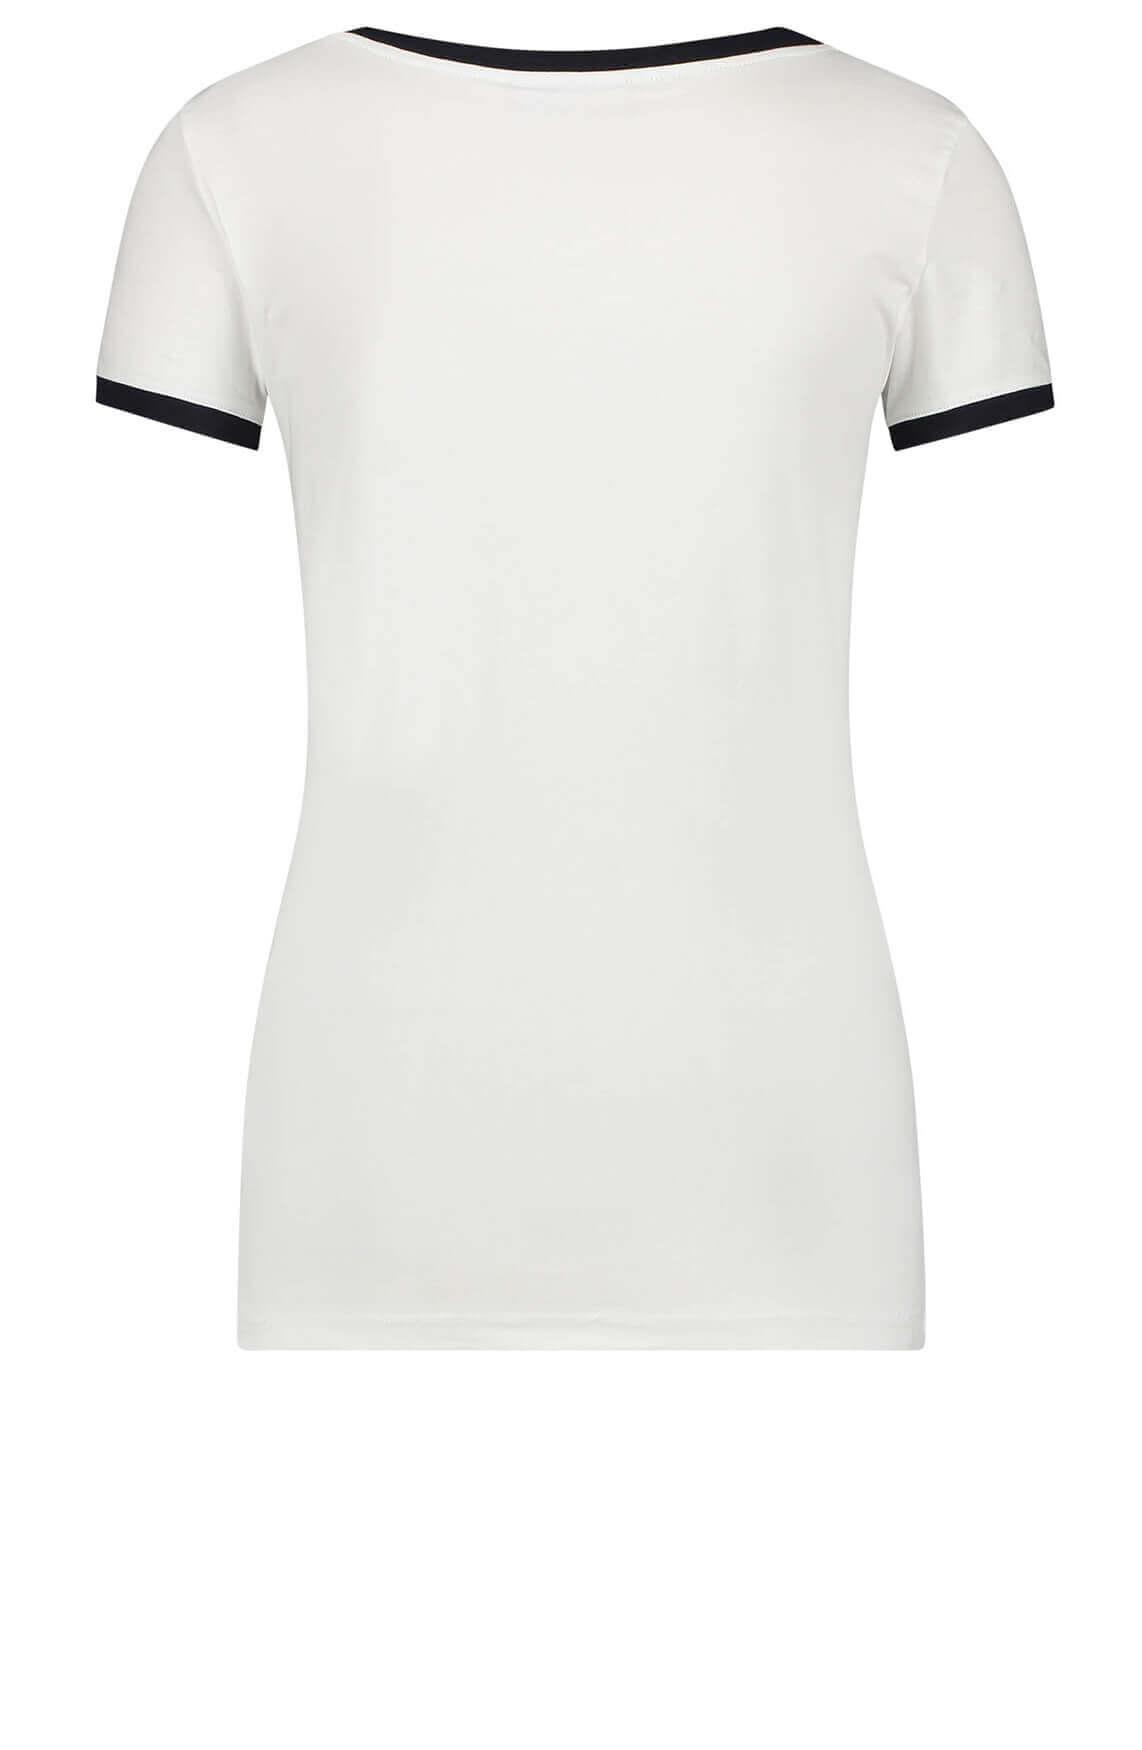 Penn & Ink Dames Shirt met contrasterende kraag wit